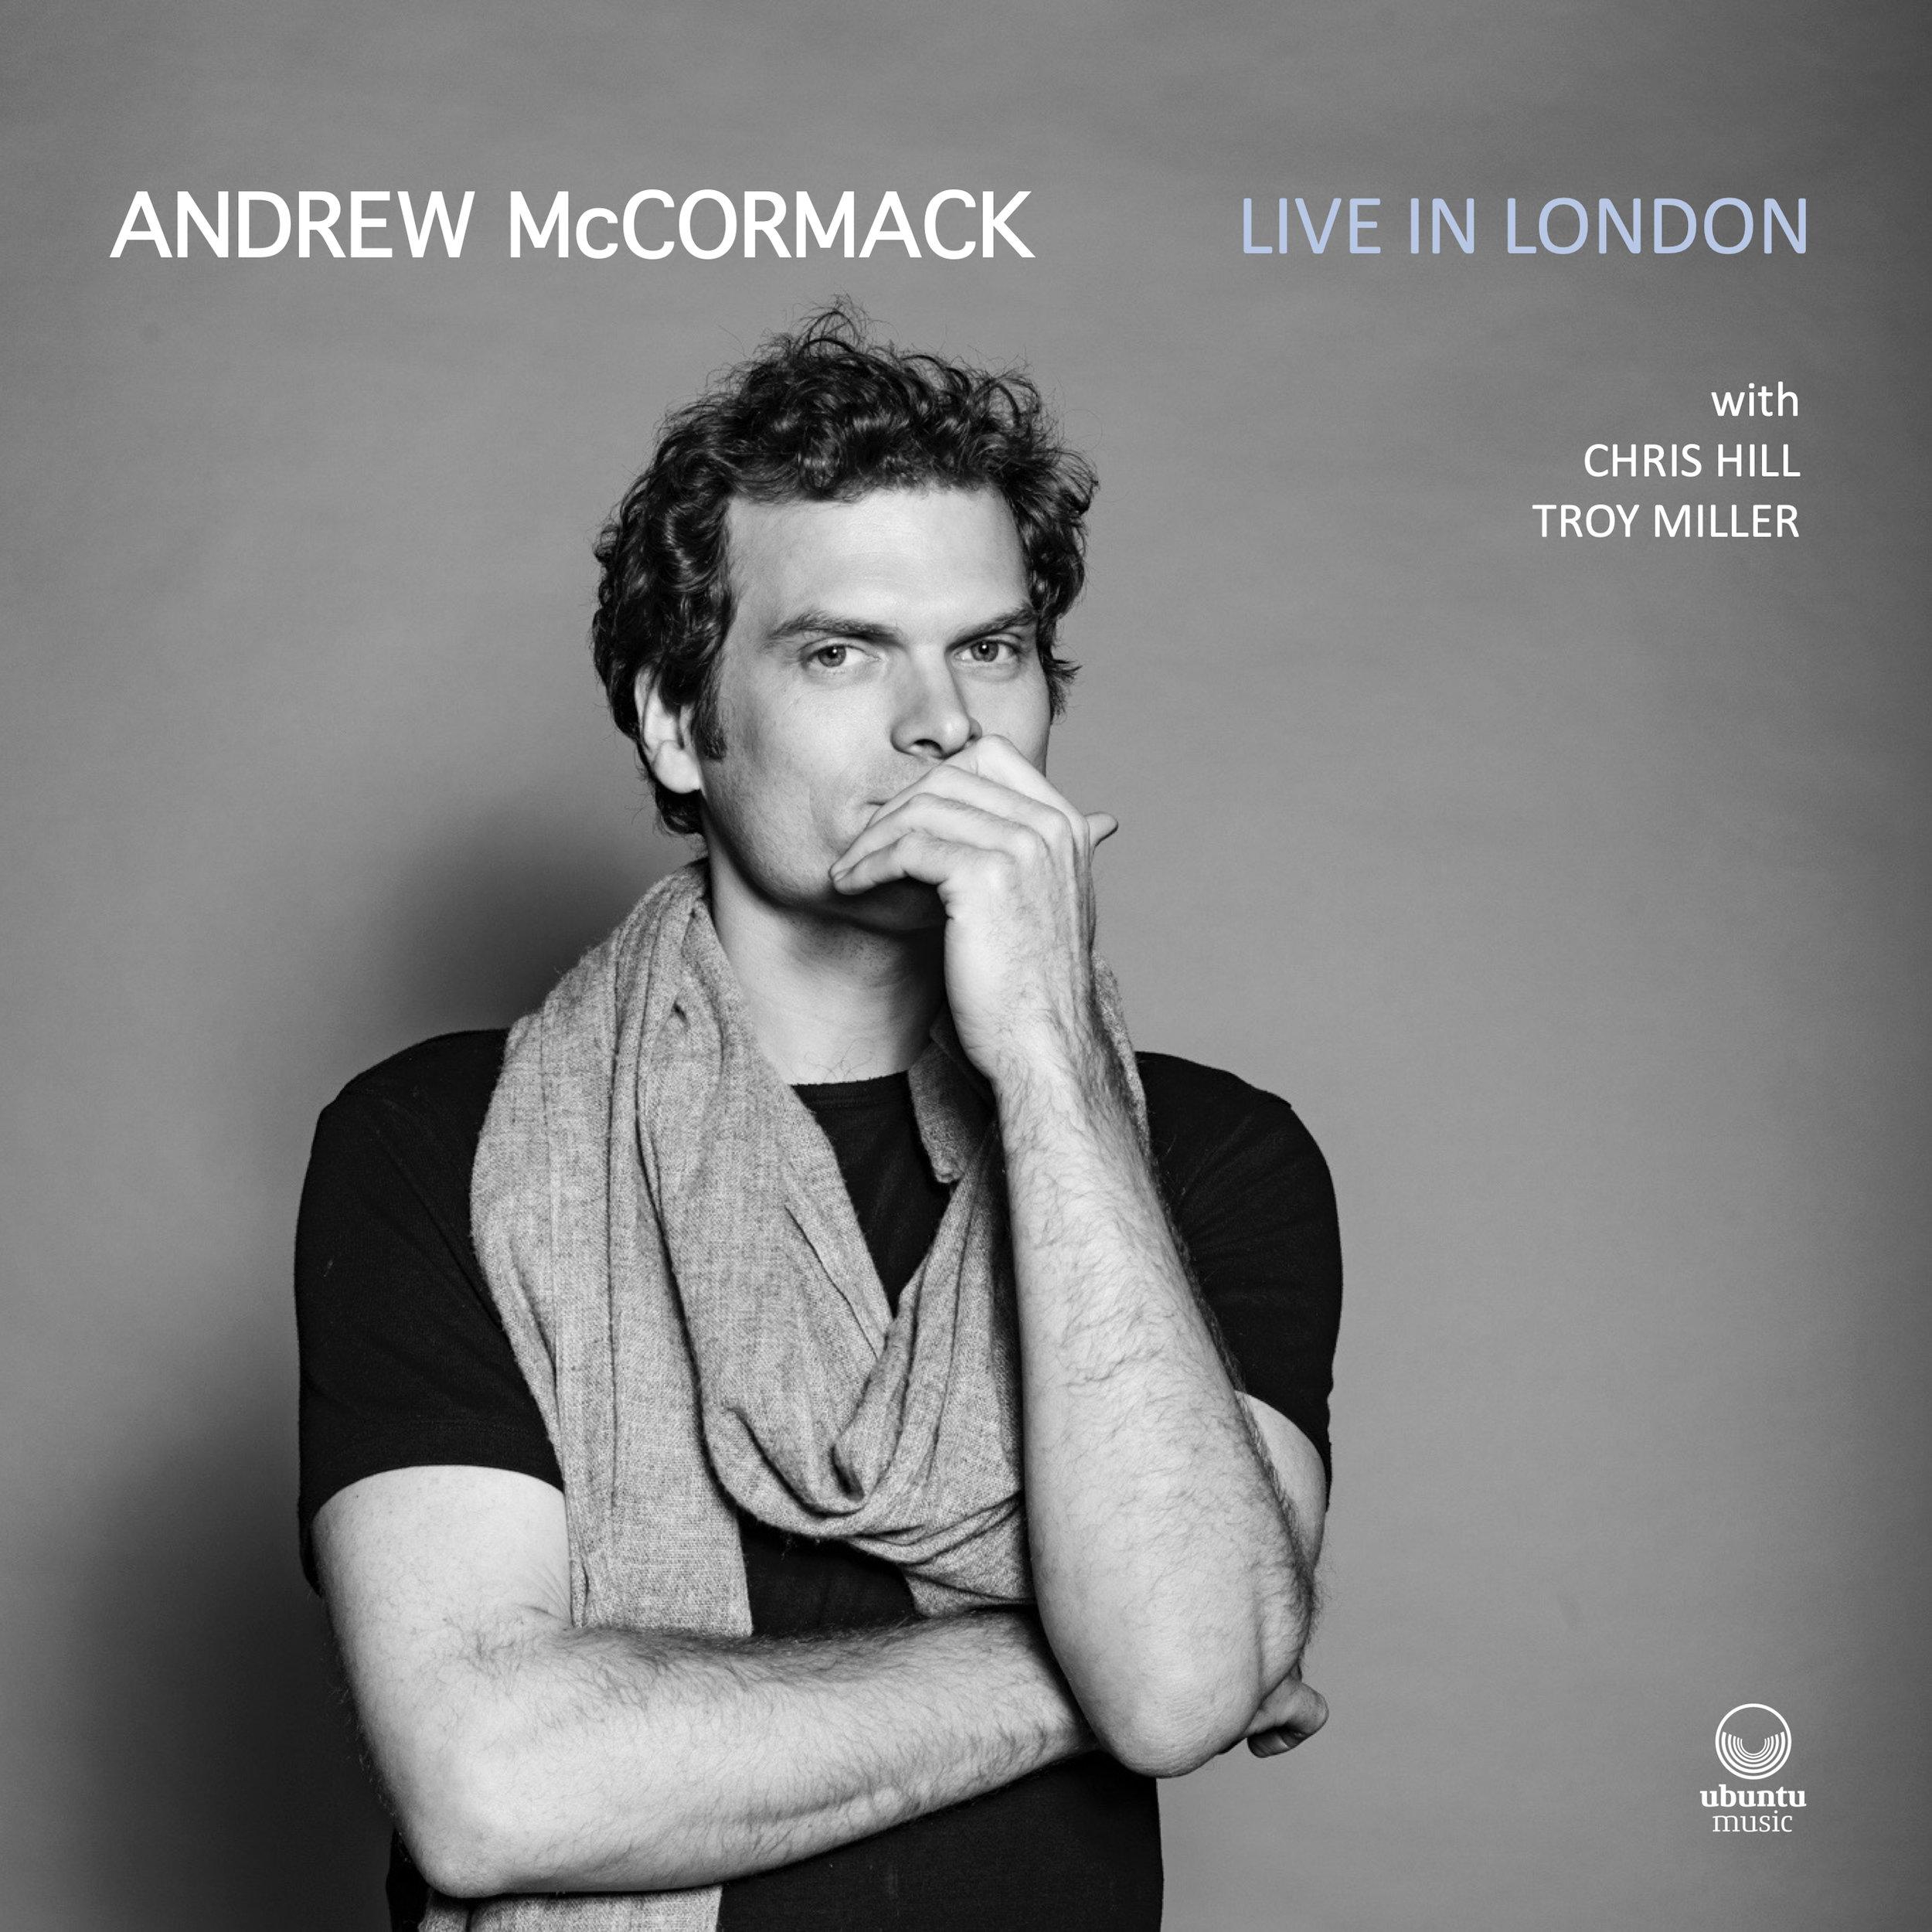 Andrew McCormack / Live in London